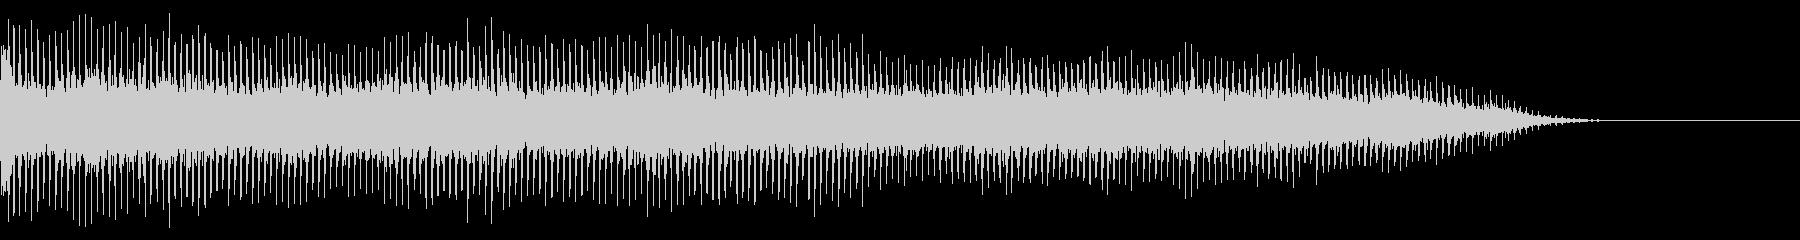 ガタガタガタガタ(リフトが稼働する)の未再生の波形